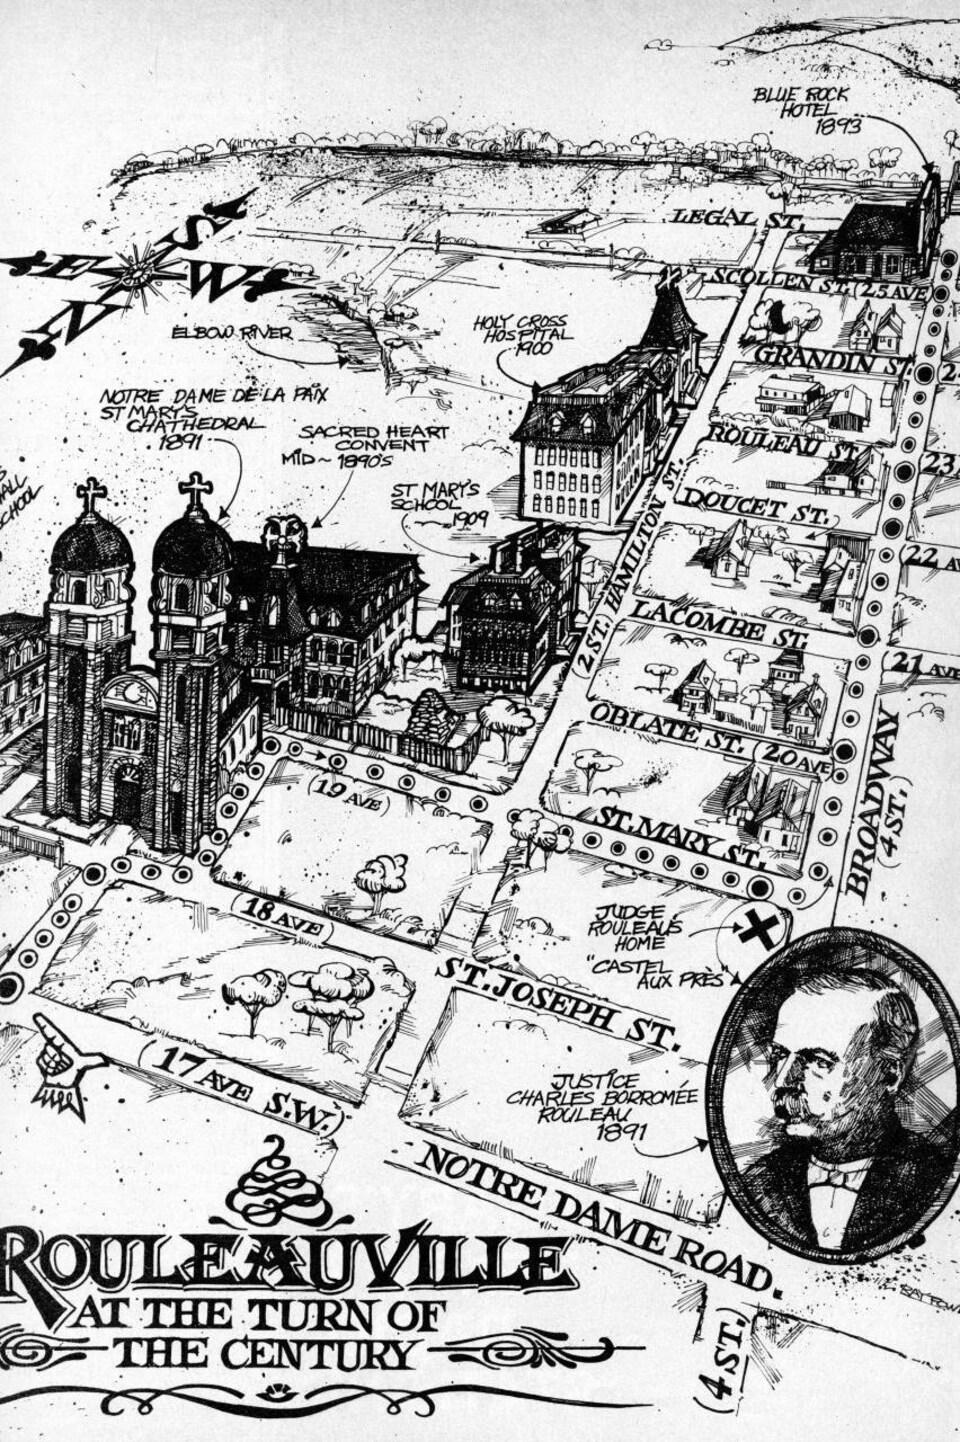 Plan en noir et blanc d'un quartier délimité par les rues Legal au nord, Notre-Dame au sud, Broadway à l'est et les édifices religieux à l'ouest.